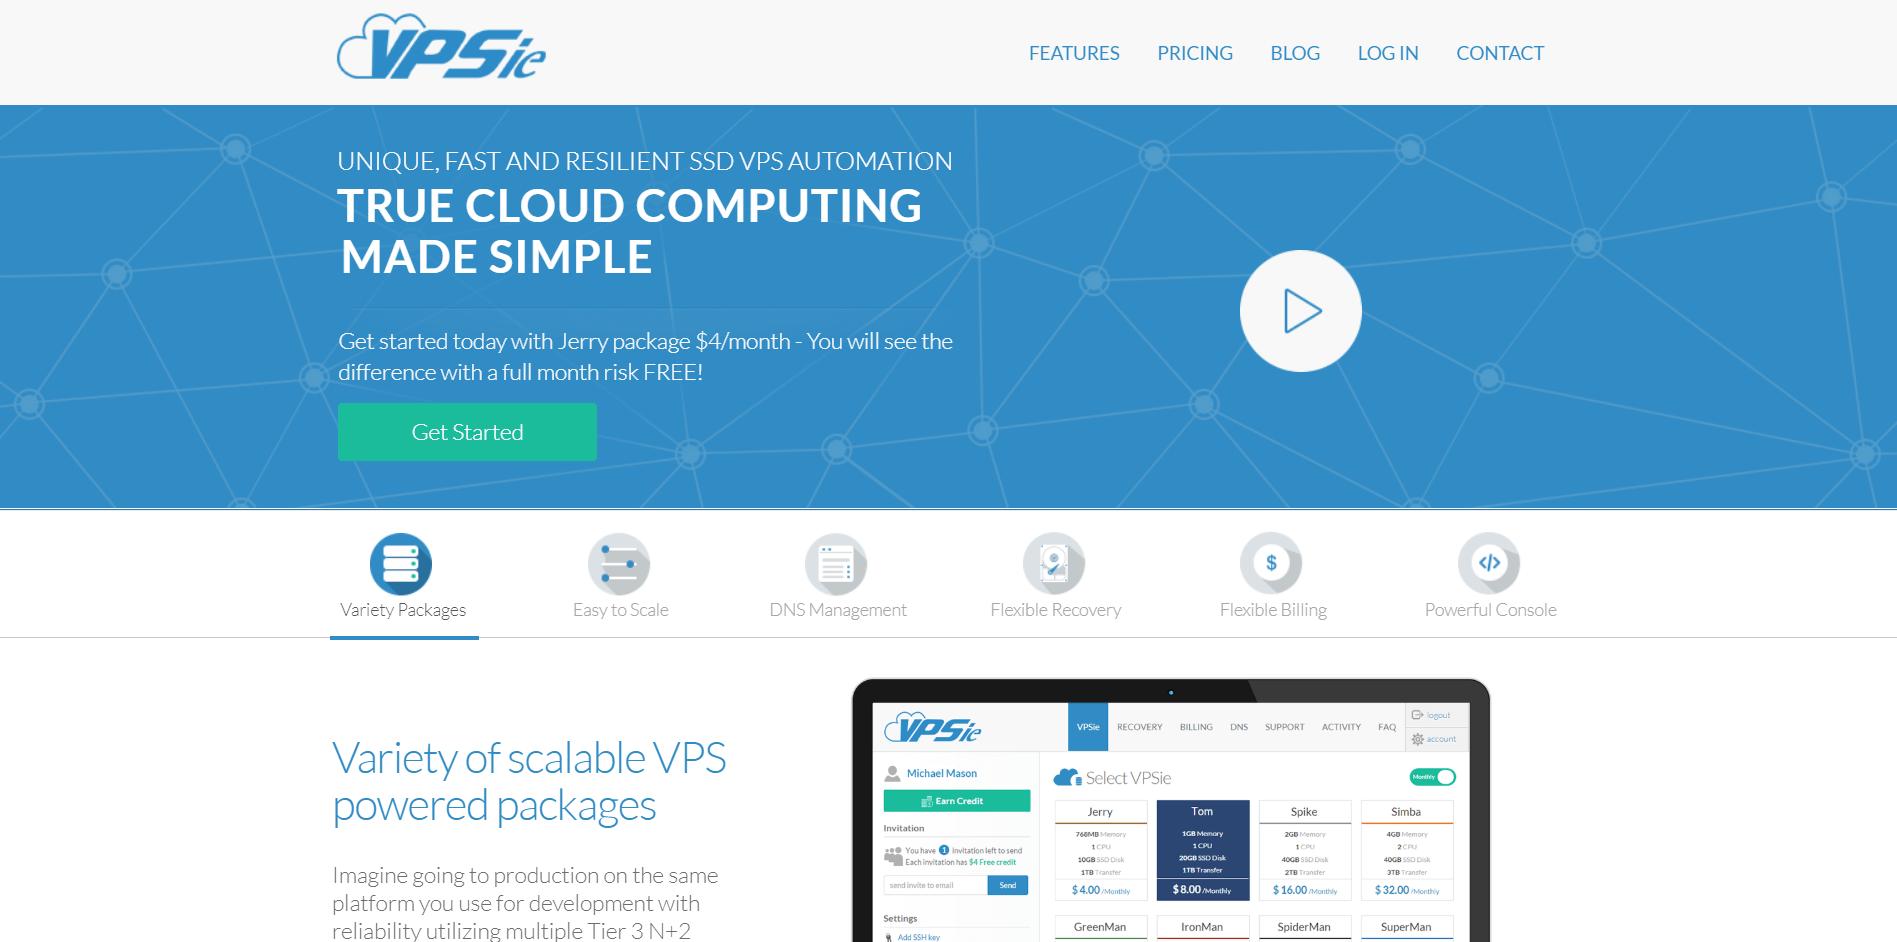 VPSie Overview